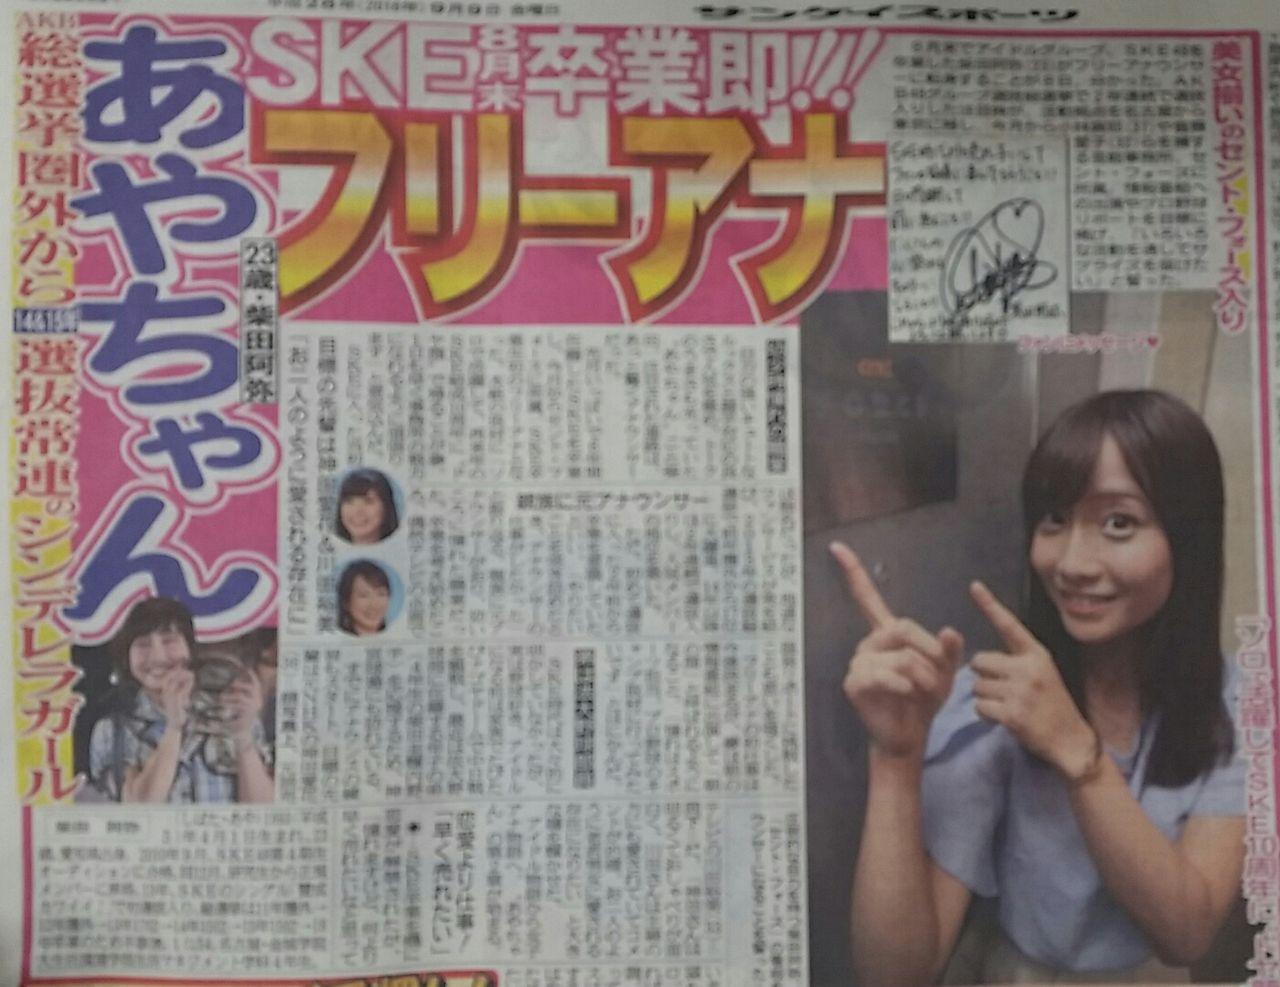 元SKE48柴田阿弥のセント・フォース所属が決定!今後はフリーアナとして活動